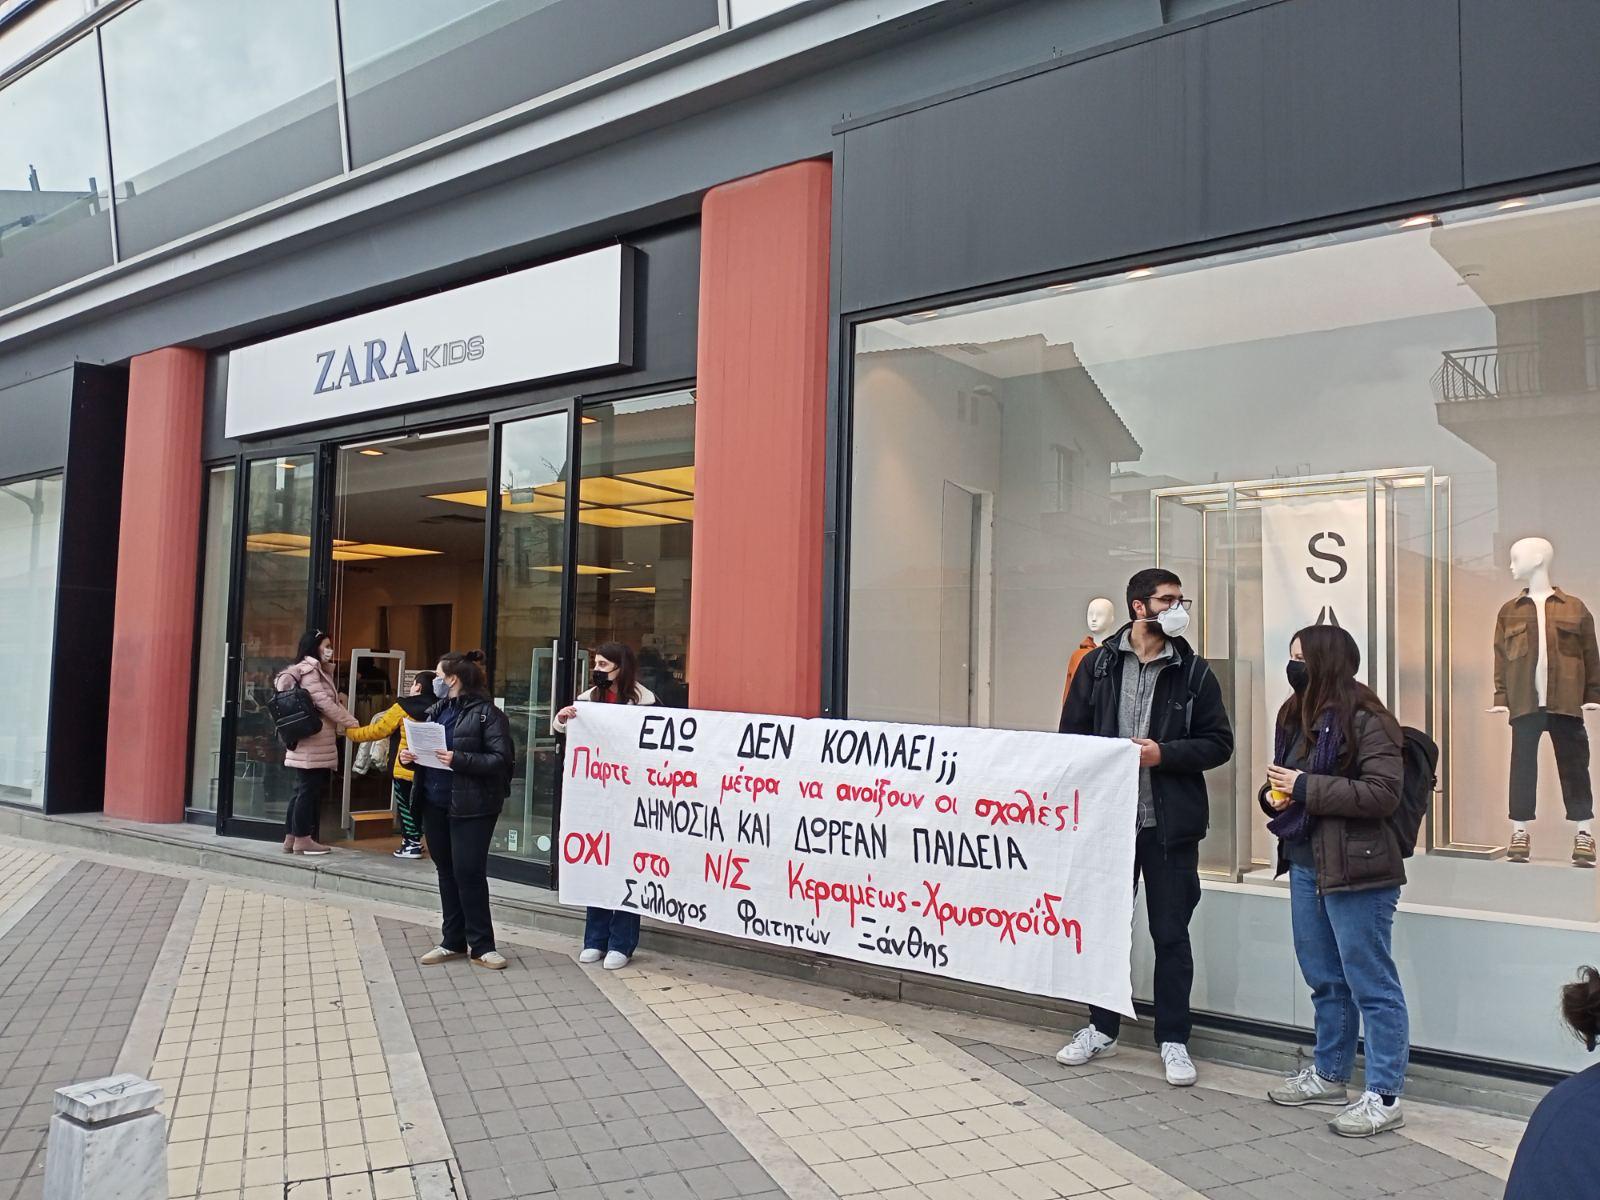 """Ξάνθη: Φοιτητές με πανό στο Εμπορικό - """"Εδώ δεν κολλάει;"""""""